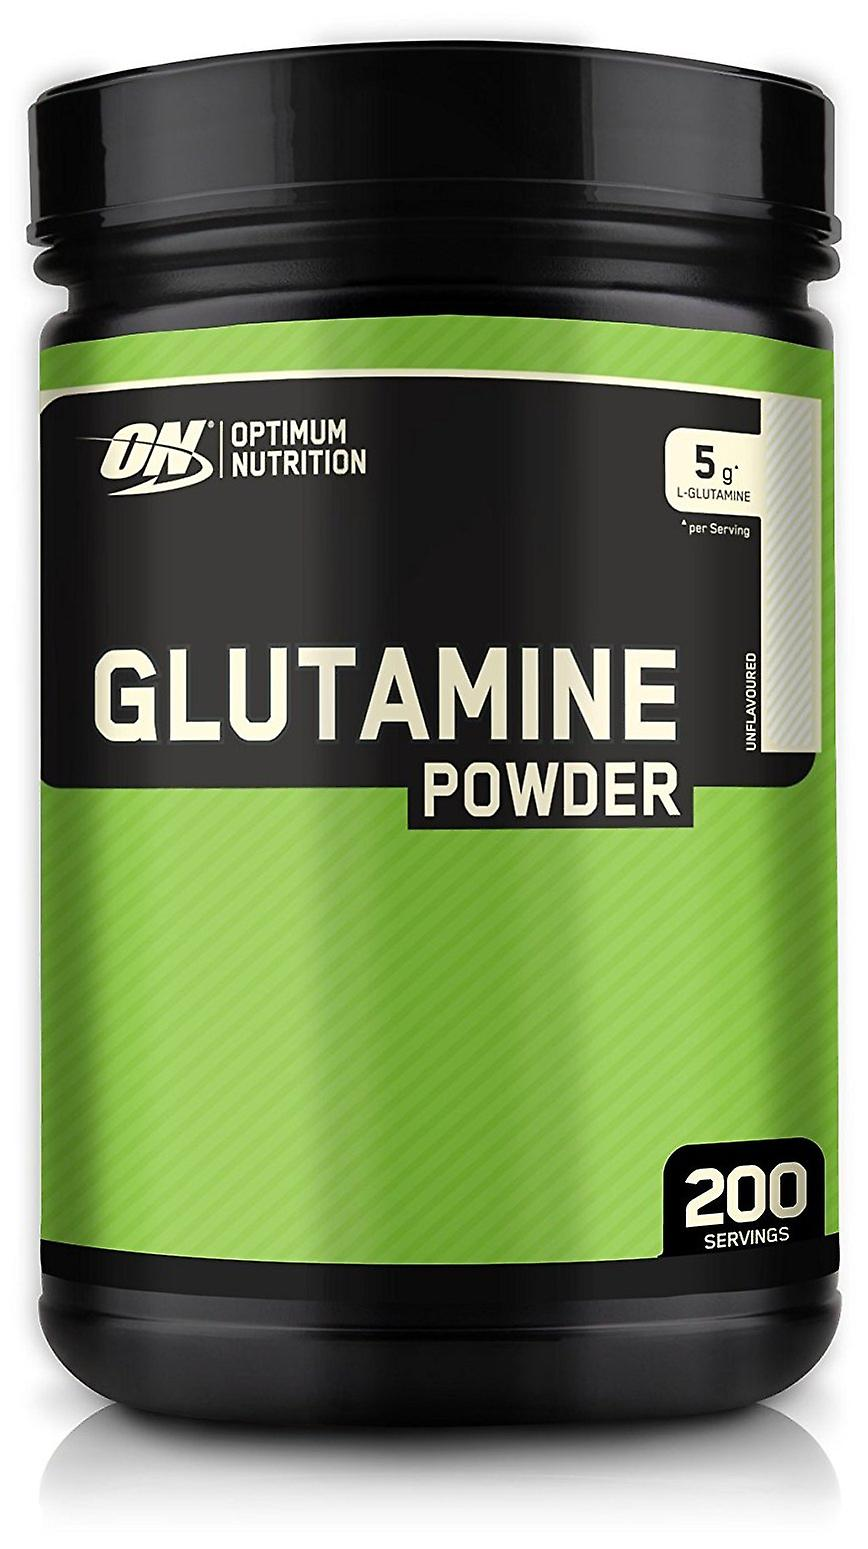 Глютамин – инструкция по применению и реальные отзывы